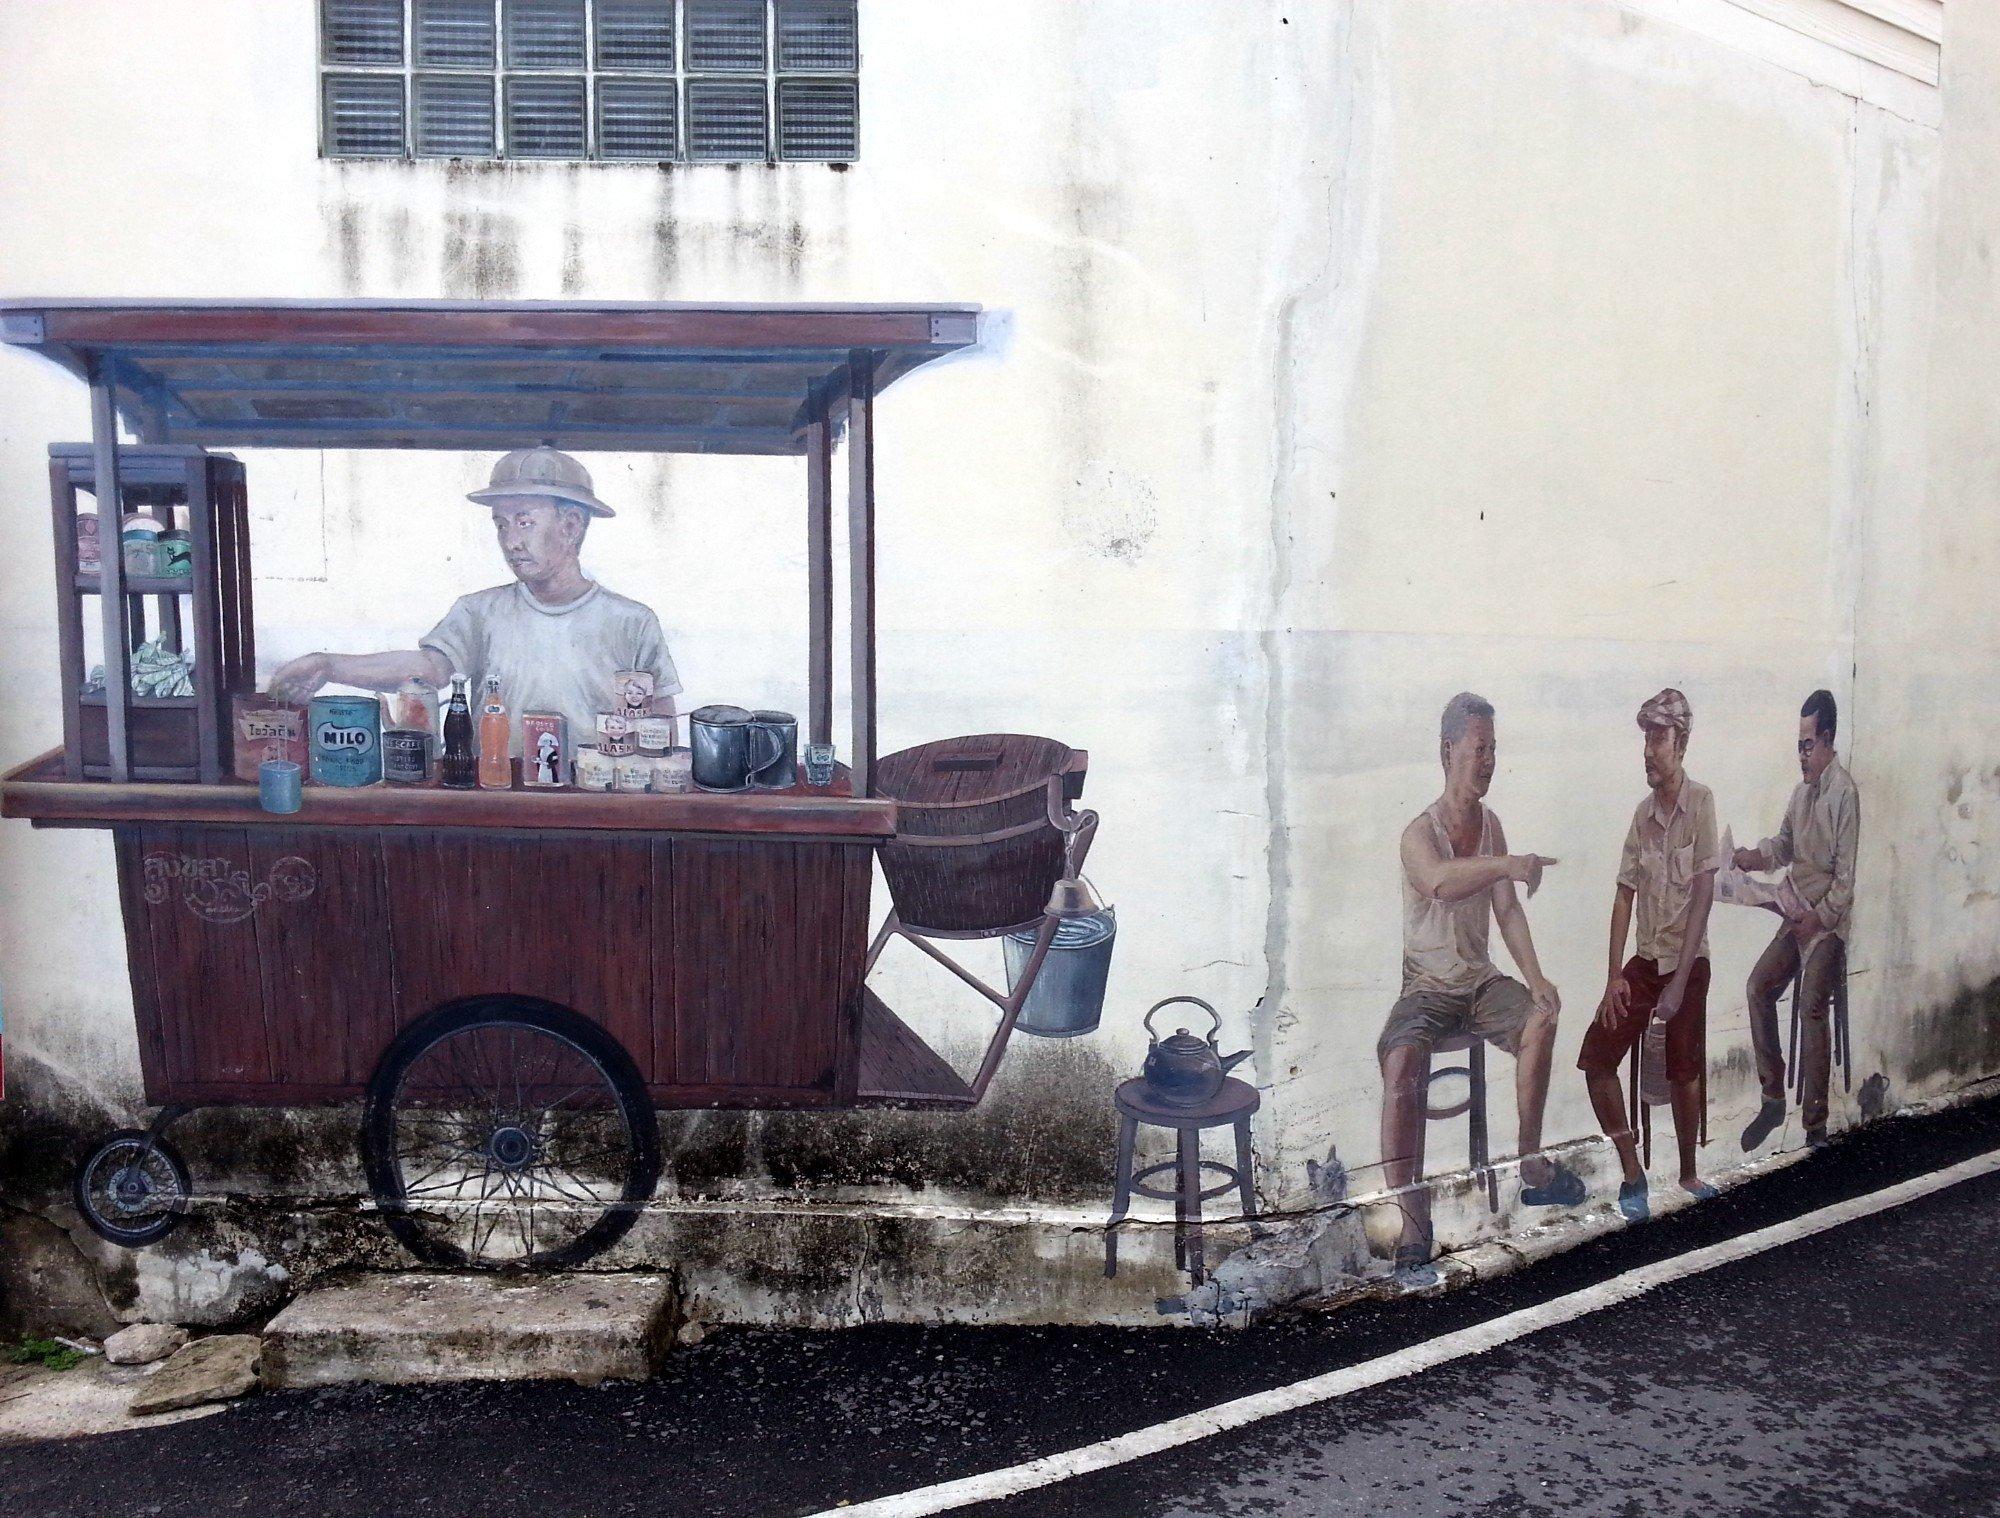 Street Corner Coffee Stall mural in Songkhla